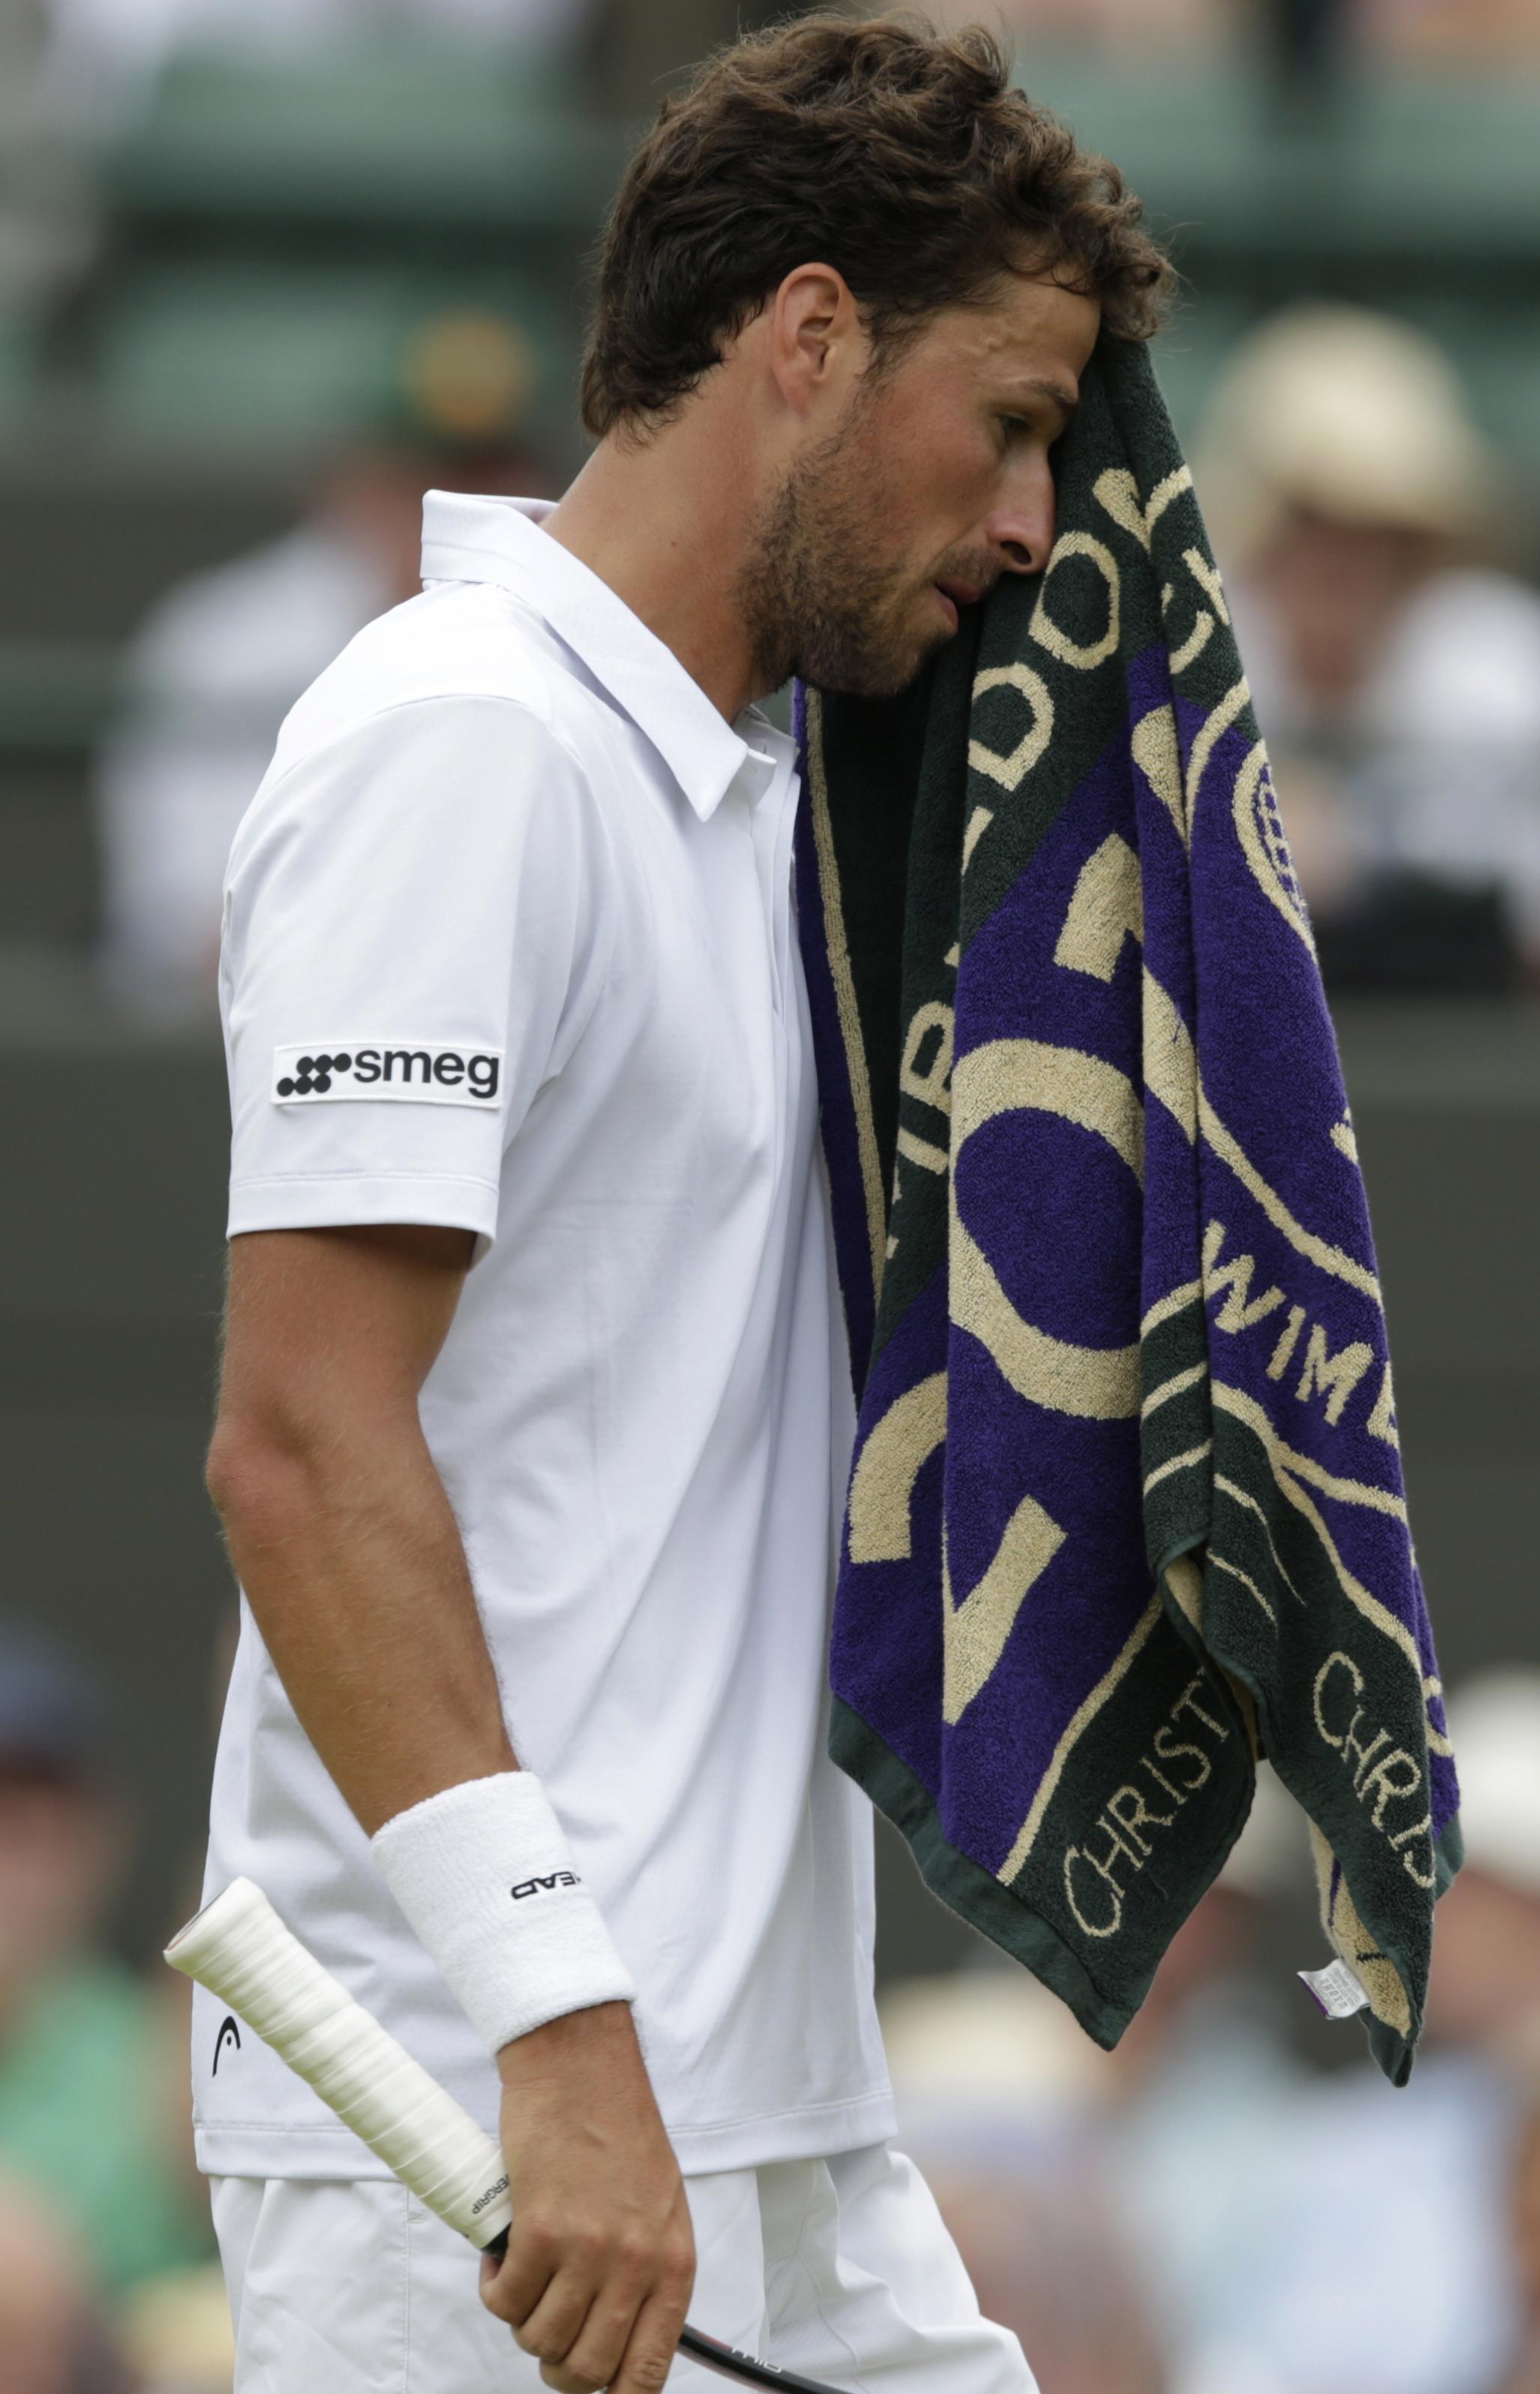 britain_wimbledon_tennis-3dfd4f92f8d04eb_r658.jpeg